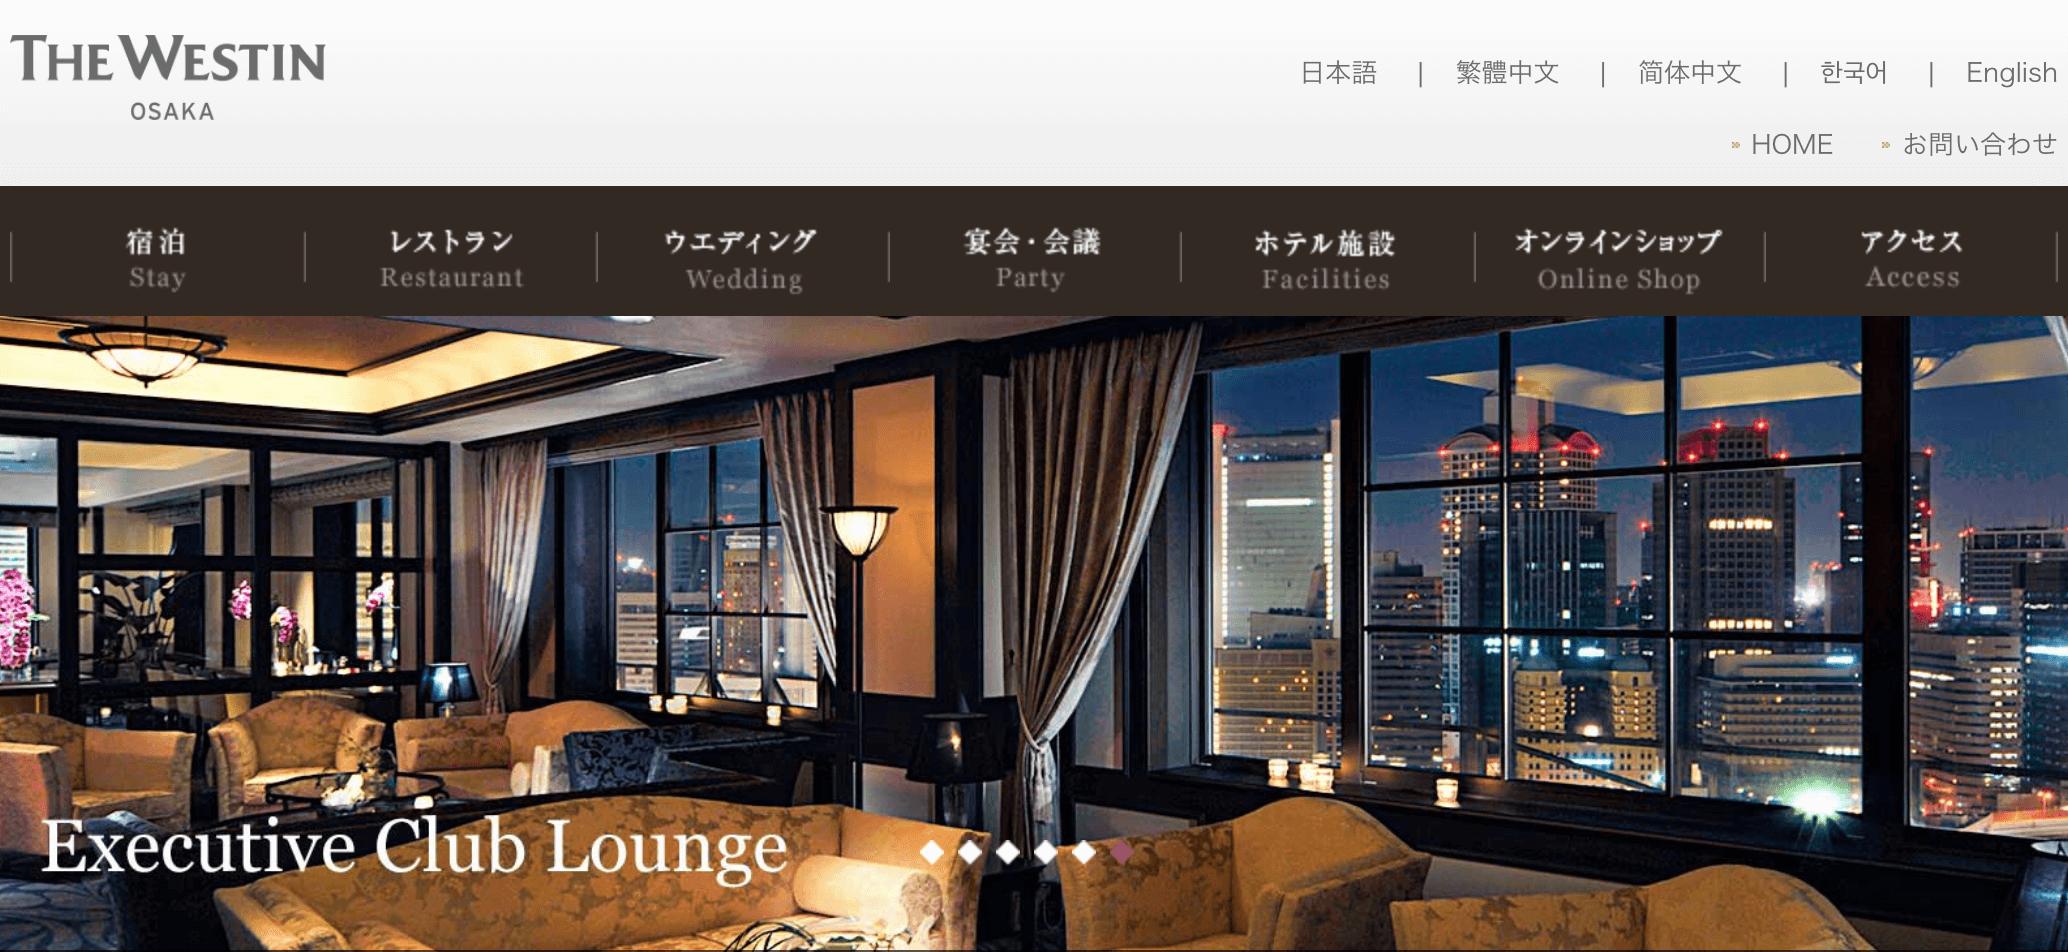 大阪でパパ活におすすめのホテル「ウェスティンホテル大阪」